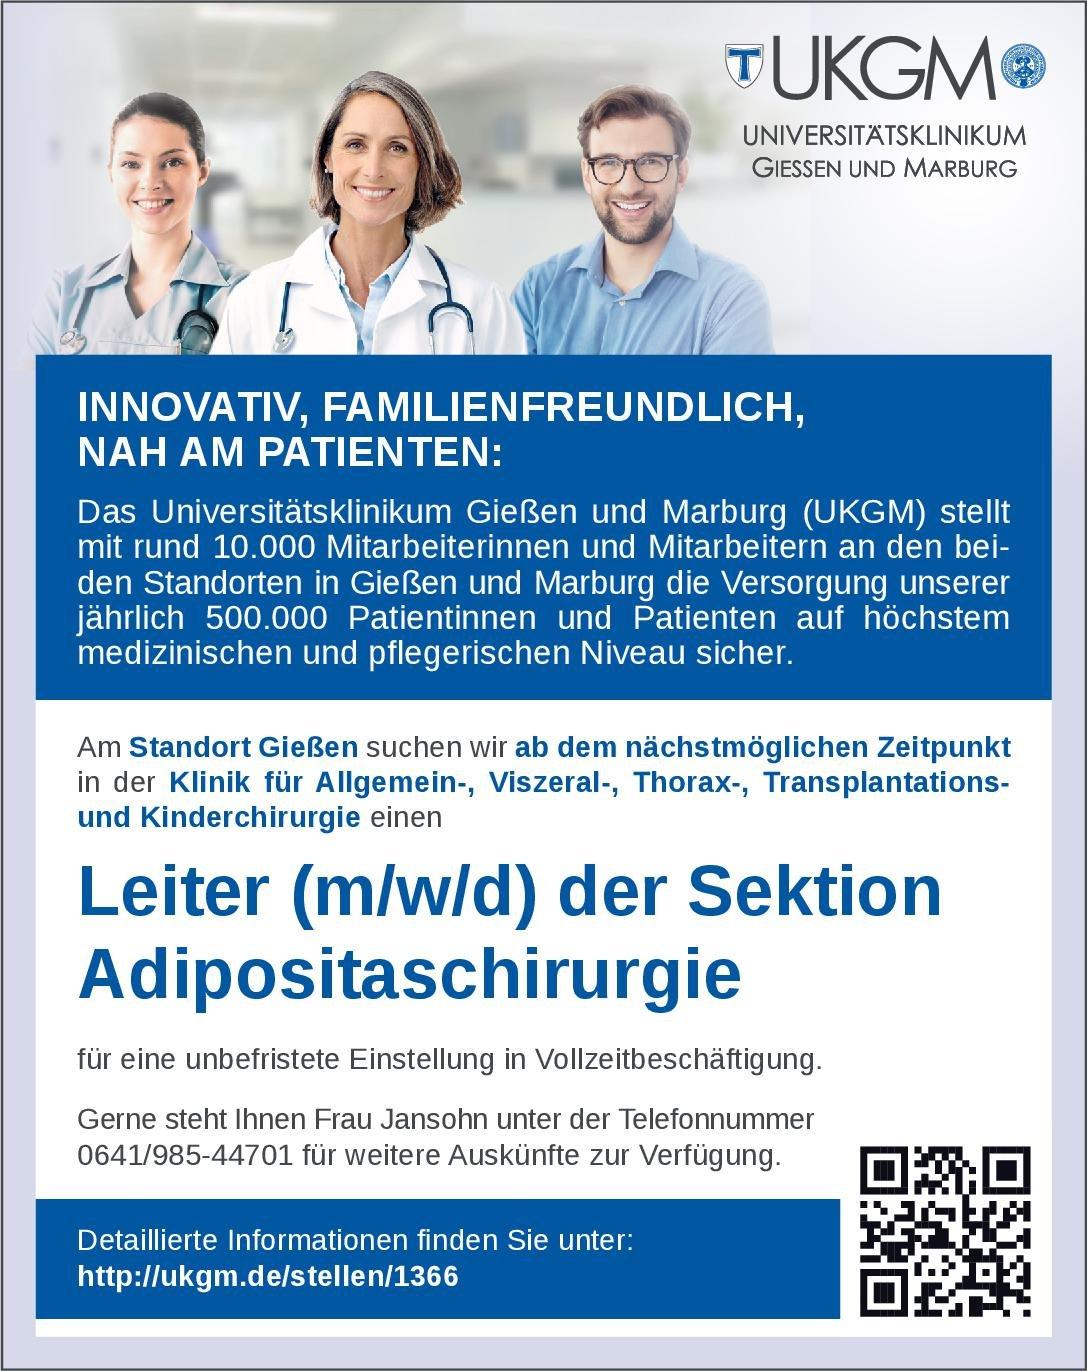 Universitätsklinikum Gießen und Marburg (UKGM) Leiter (m/w/d) der Sektion Adipositaschirurgie  Allgemeinchirurgie, Kinderchirurgie, Thoraxchirurgie Arzt / Facharzt, Ärztl. Leiter